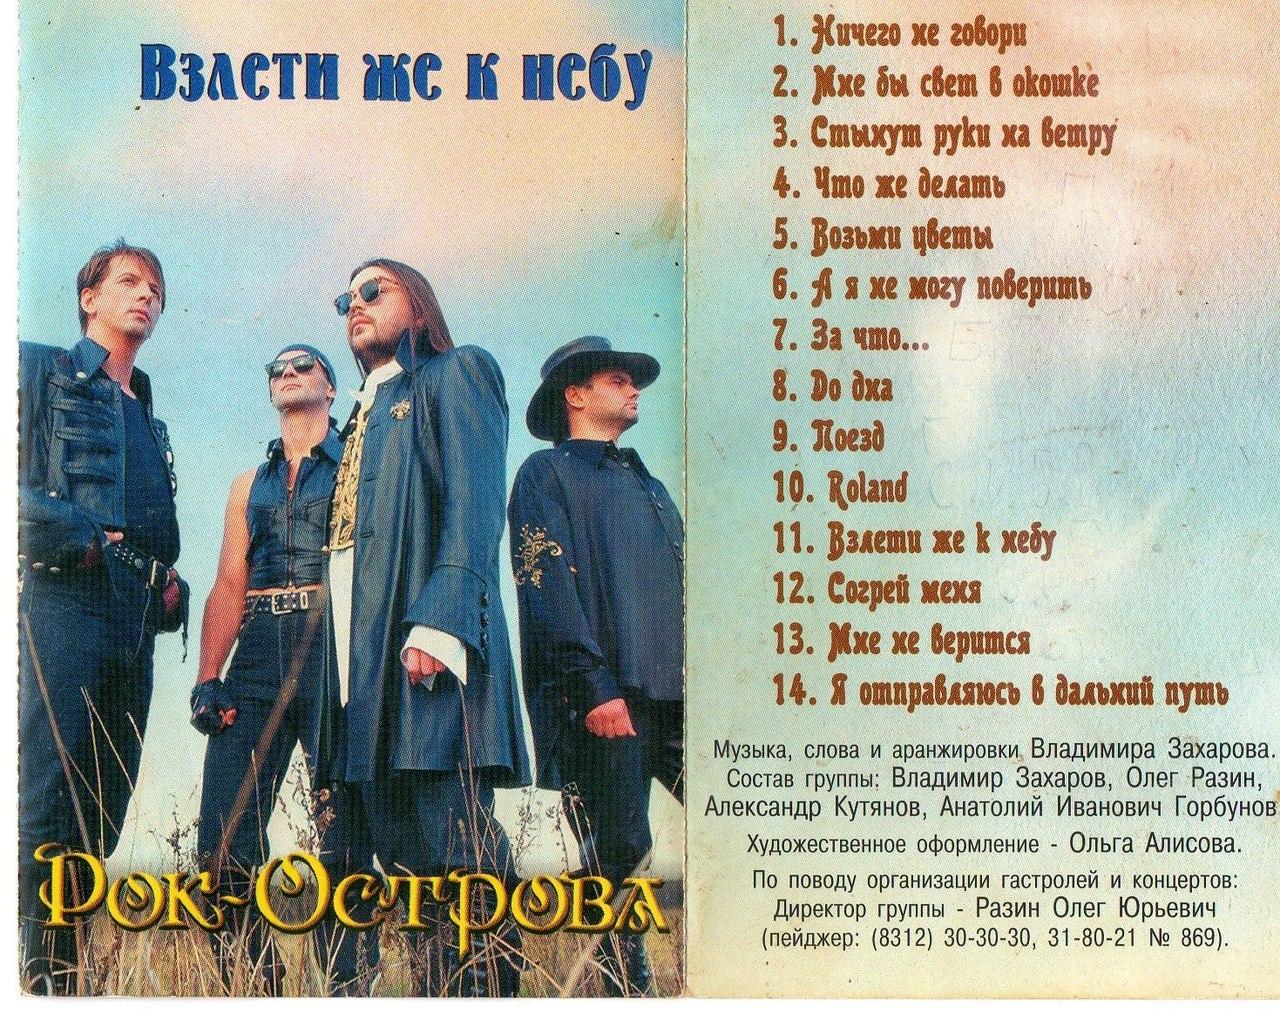 Обложка самого успешного альбома группы